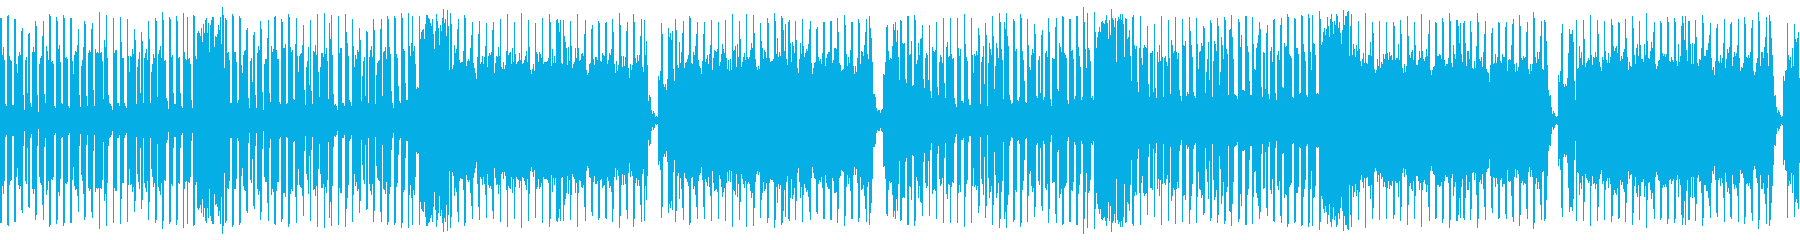 明るいレトロなテクノポップの再生済みの波形